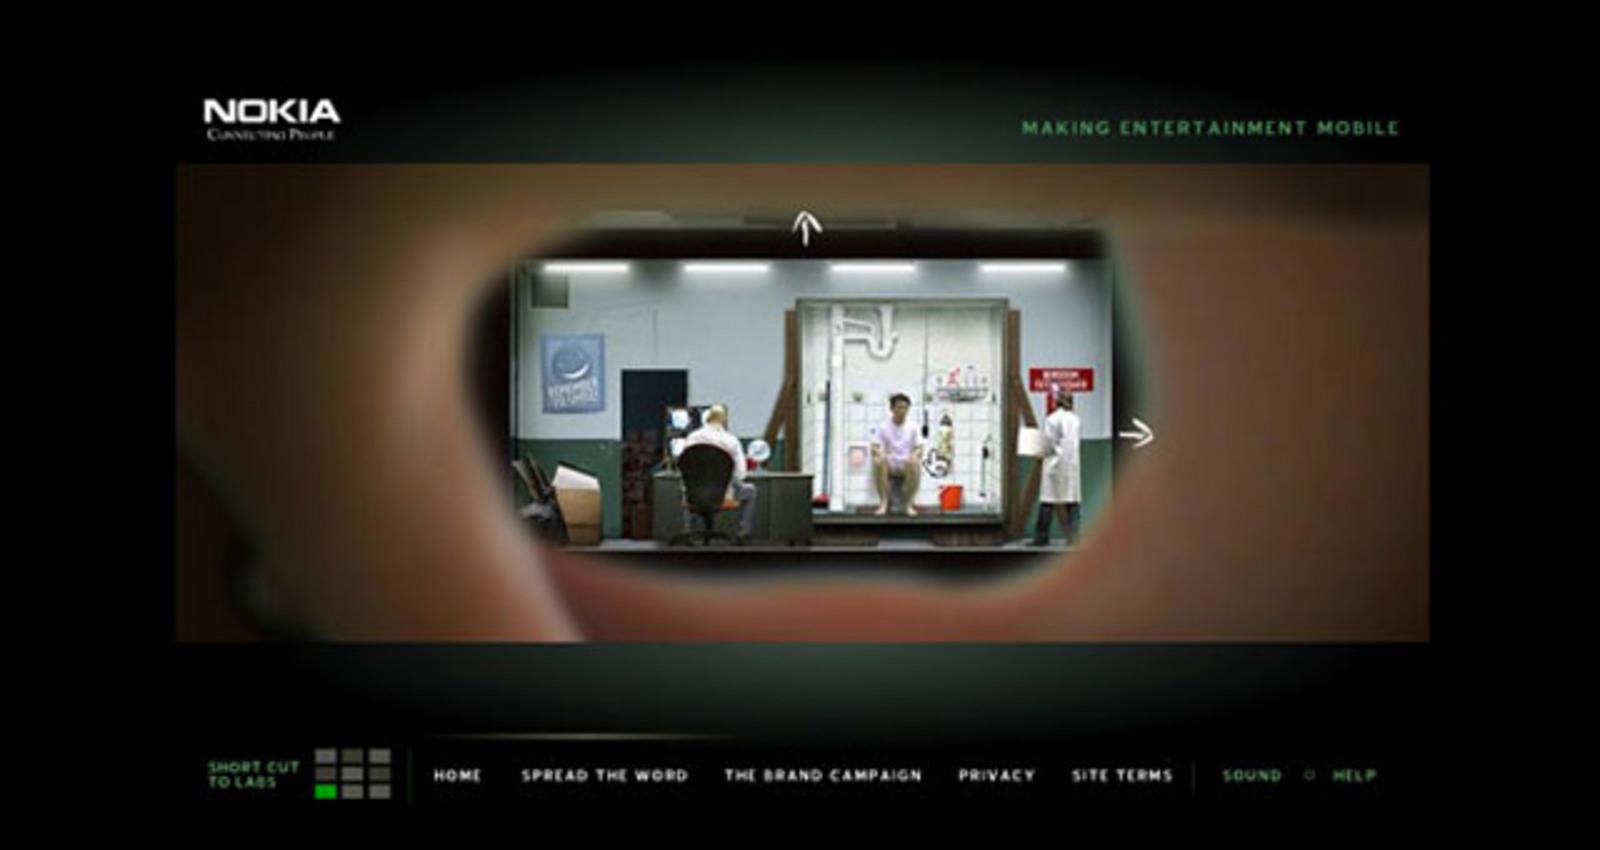 Nokia Entertainment Consumer Site Phase 2